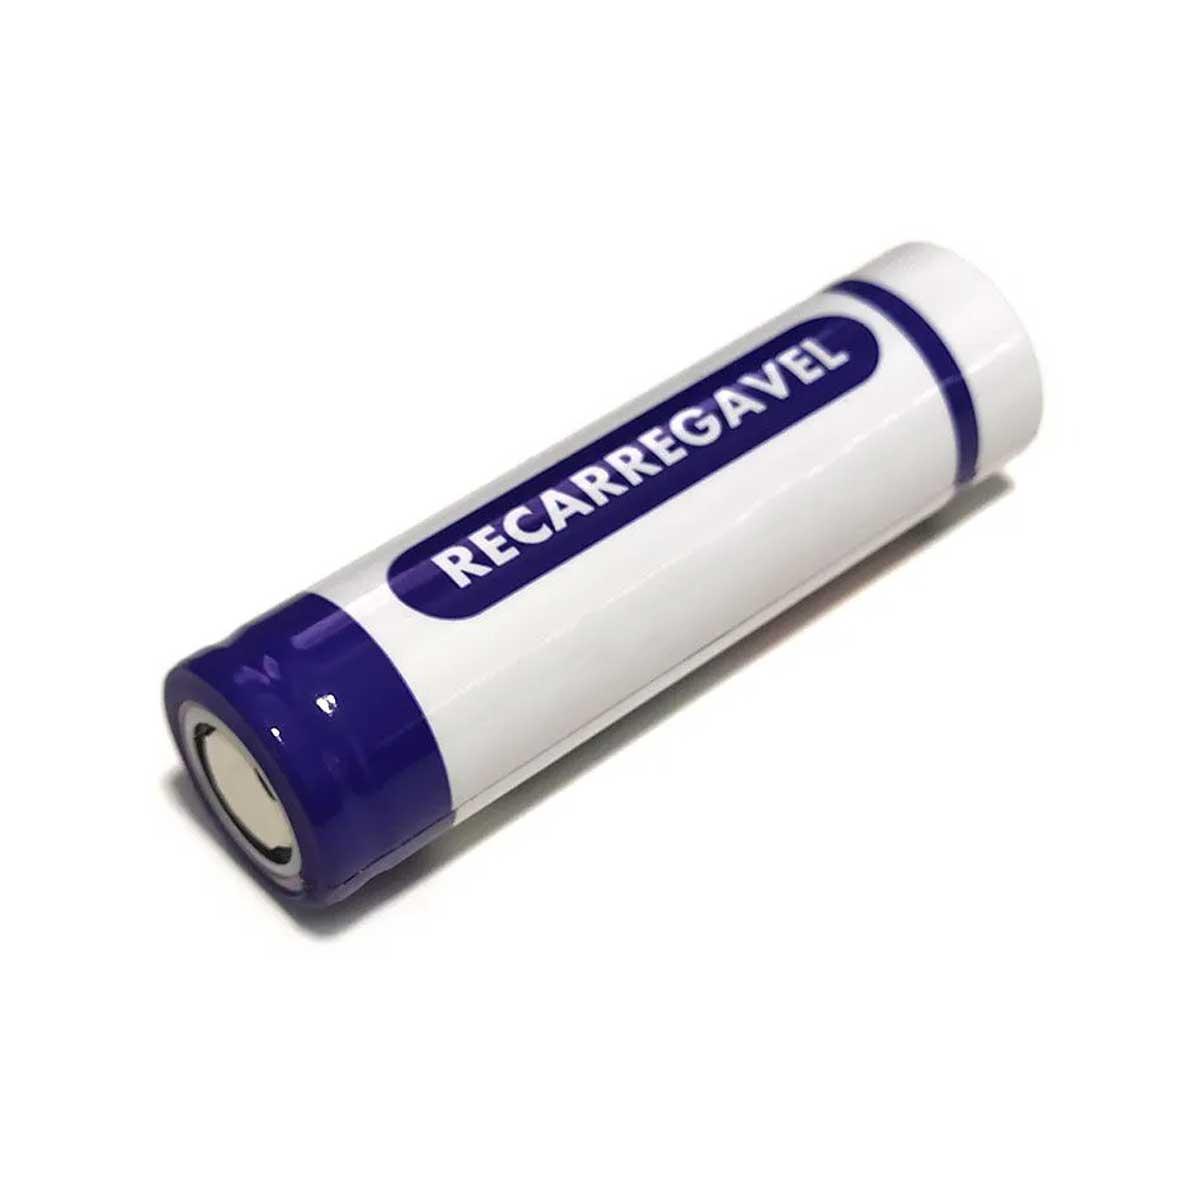 2x Bateria 3,7V 18650 de Lítio Recarregável - GoldHill